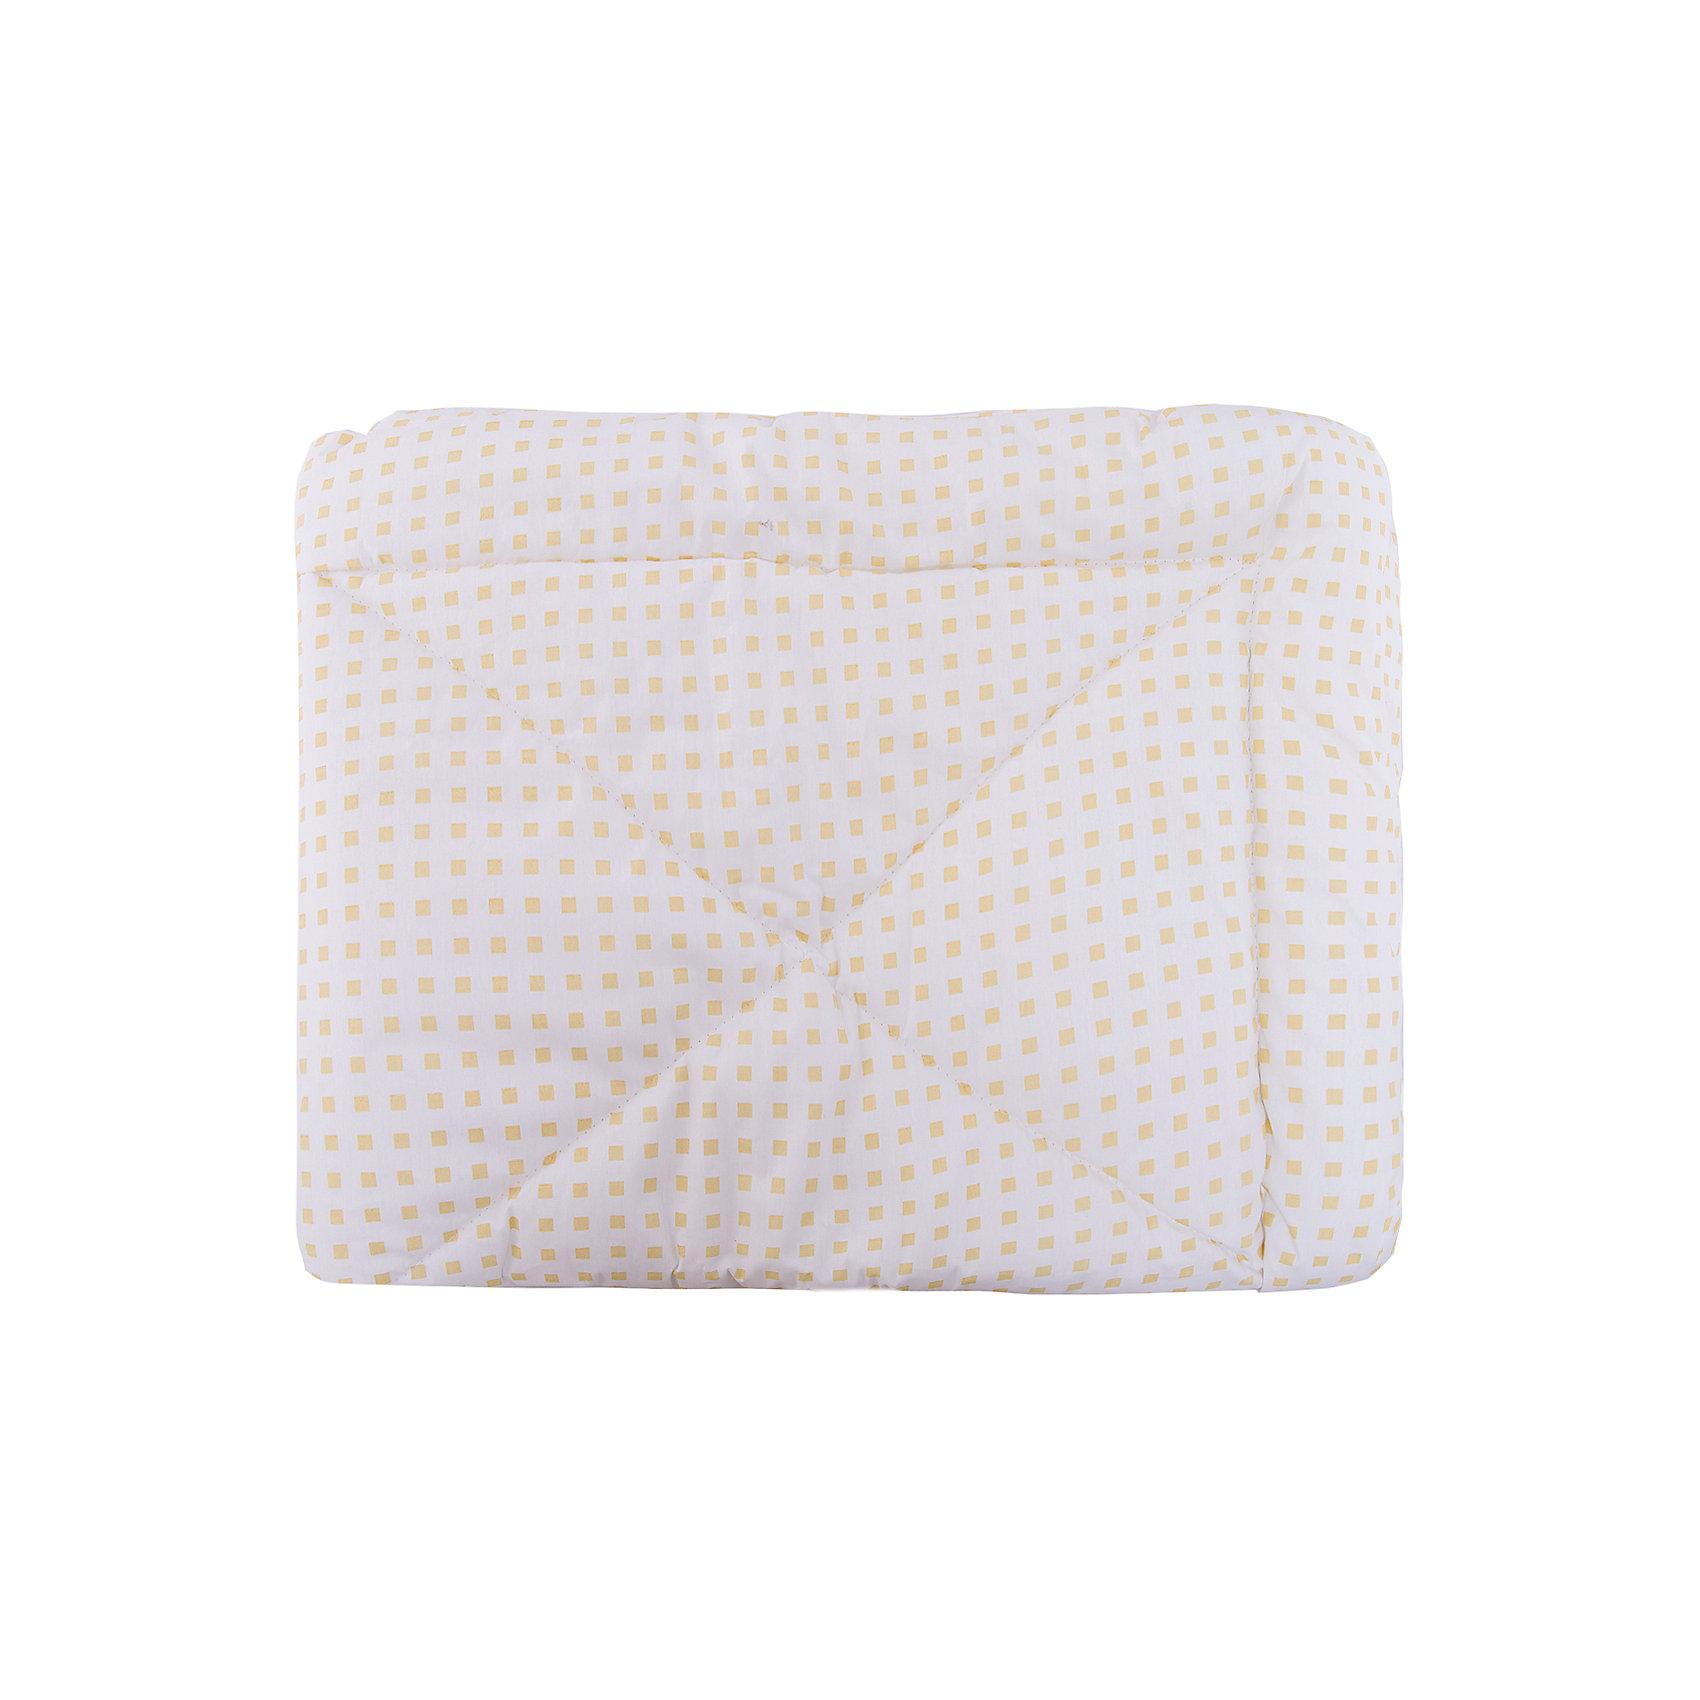 Одеяло детское ЗимаДомашний текстиль<br>Легкое и удобное, а главное теплое, зимнее одеяло специально для вашего малыша.<br><br>Дополнительная информация:<br><br>-  Безопасно для здоровья.<br>- Верхняя ткань - бязь (100% хлопок),<br>- Наполнитель: высокосиликонизированное волокно Лебяжий пух 100%, полиэстер 200 гр.<br>- Производство: Россия. Товар сертифицирован.<br>-  Размер: 105х140 см<br>Размер в упаковке: 45х4х35 см.<br>Вес в упаковке: 750 г.<br><br>Детское одеяло Зима можно купить в нашем магазине.<br><br>Ширина мм: 450<br>Глубина мм: 40<br>Высота мм: 350<br>Вес г: 750<br>Возраст от месяцев: 0<br>Возраст до месяцев: 36<br>Пол: Унисекс<br>Возраст: Детский<br>SKU: 4724676